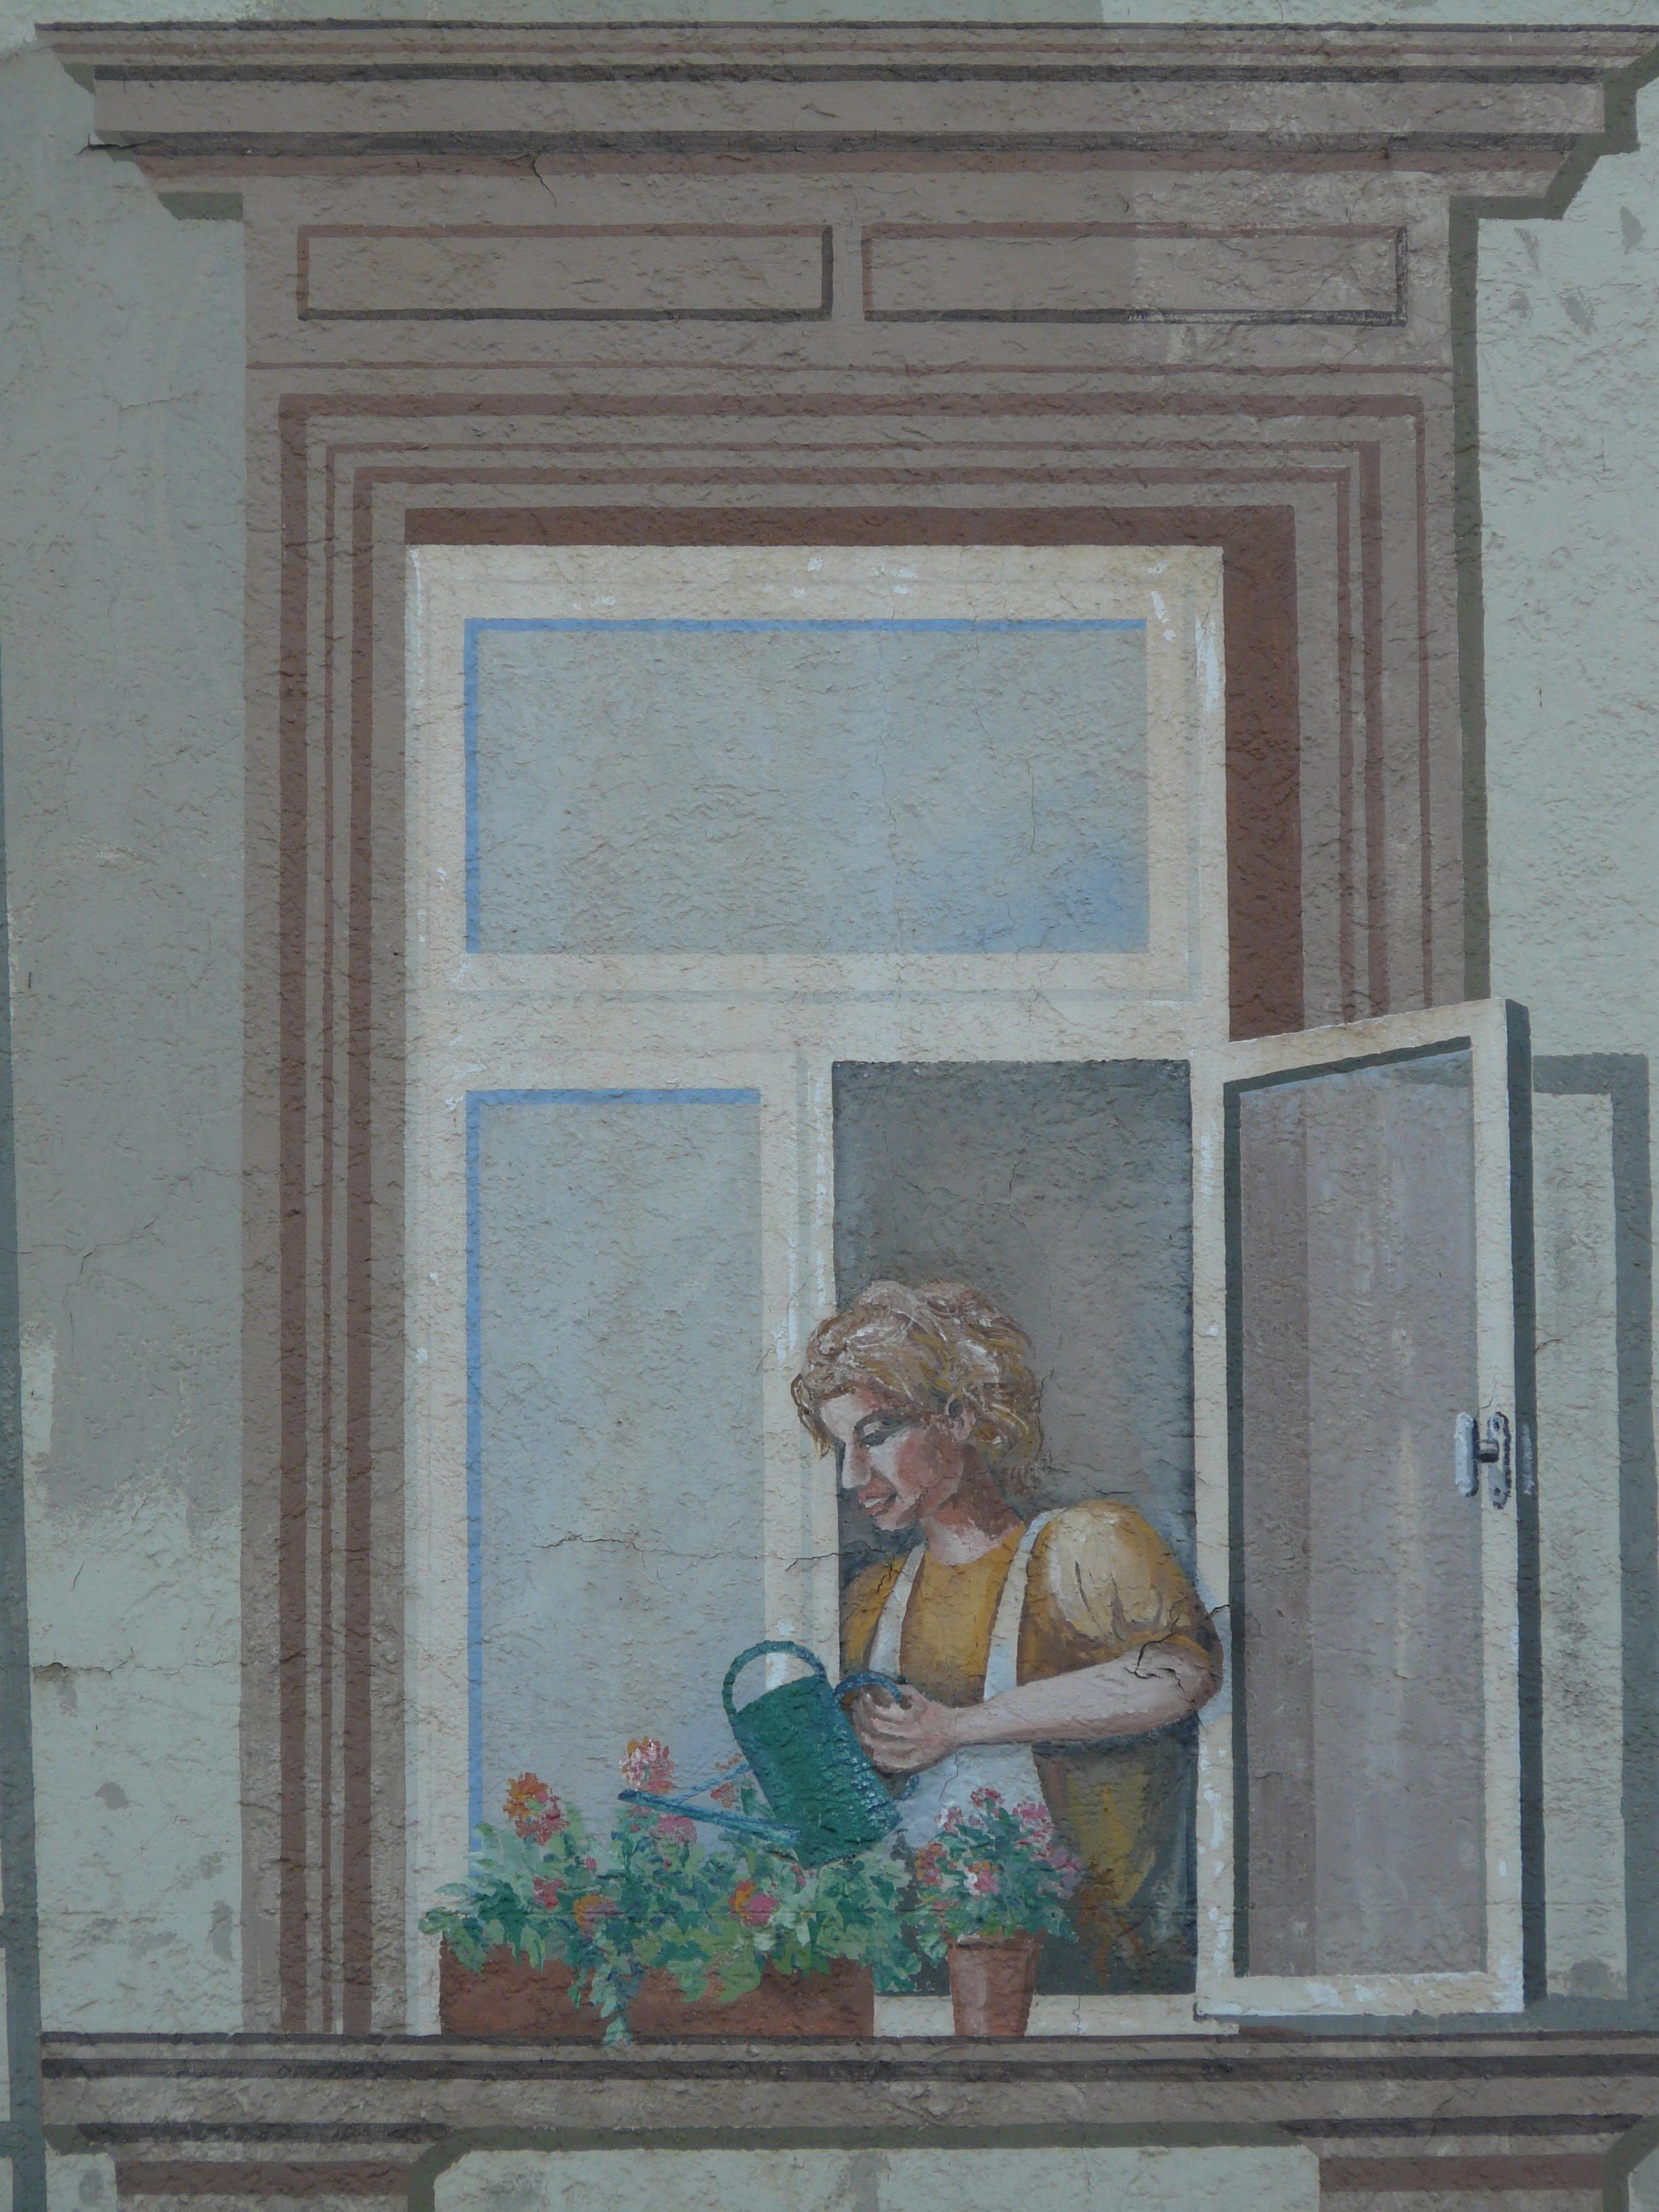 Images Gratuites Femme Fenêtre Mur Porte La Peinture Design D